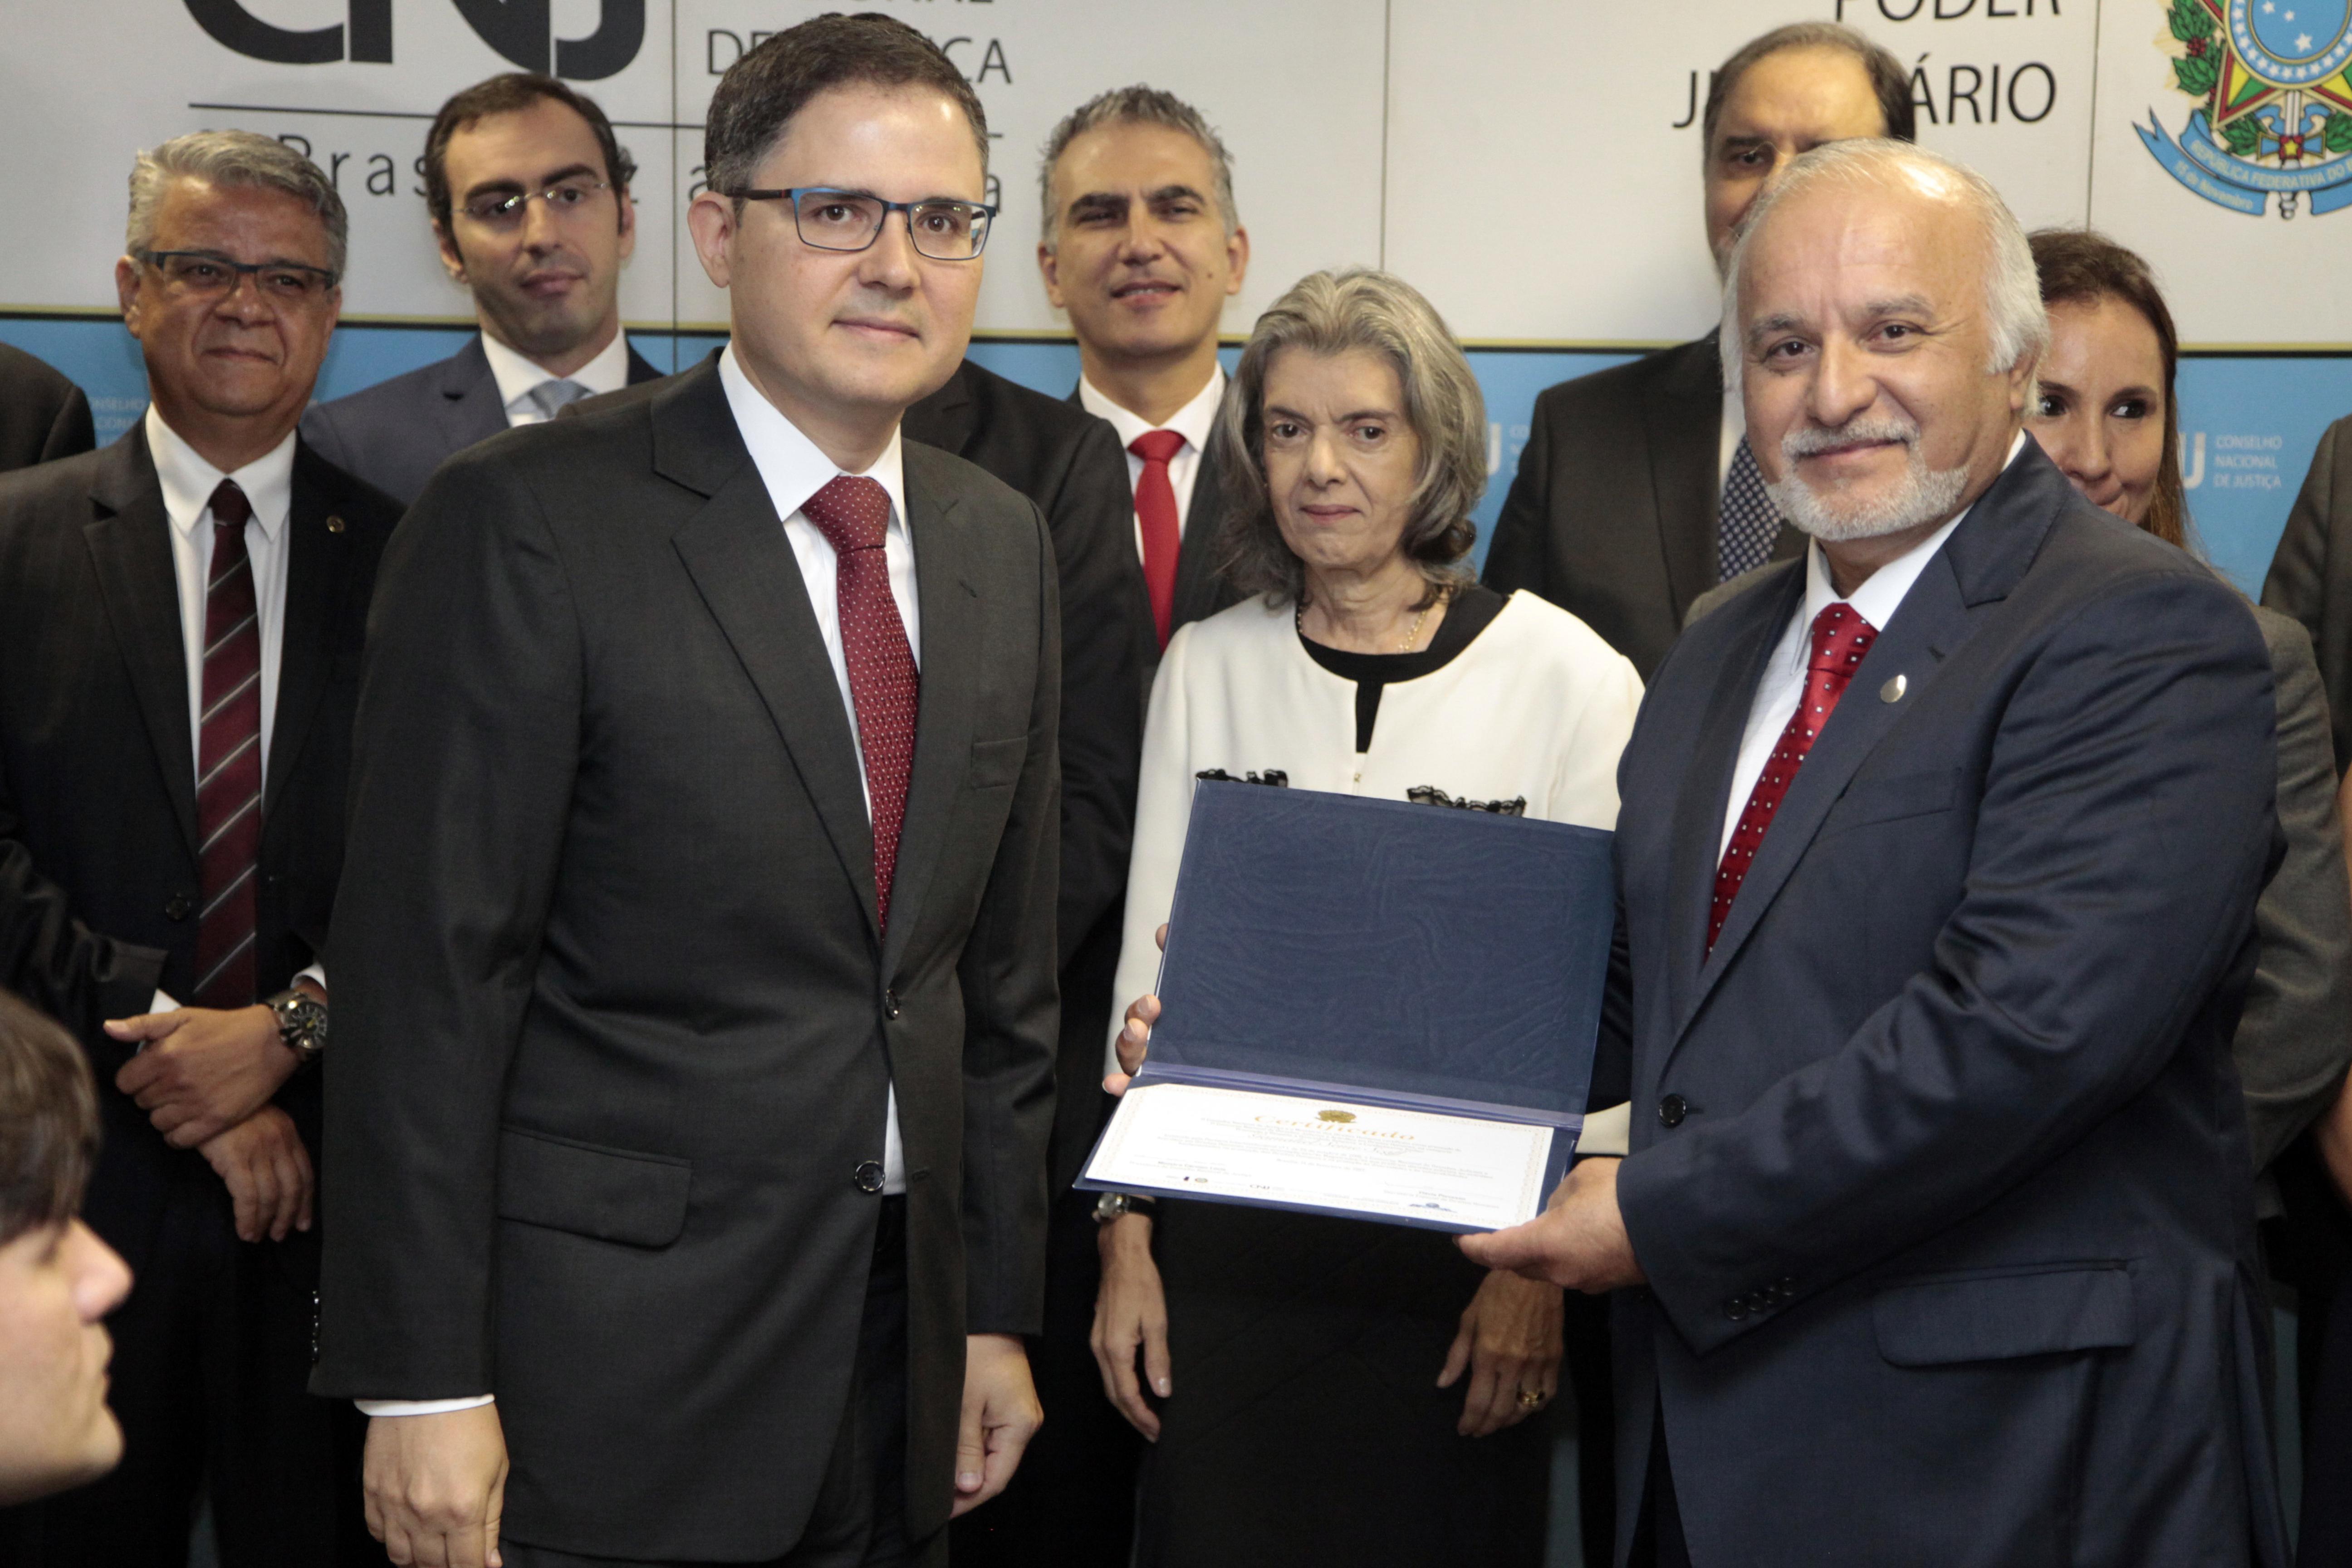 Desembargador Gamaliel recebe prêmio do CNJ e da Secretaria Especial de Direitos Humanos